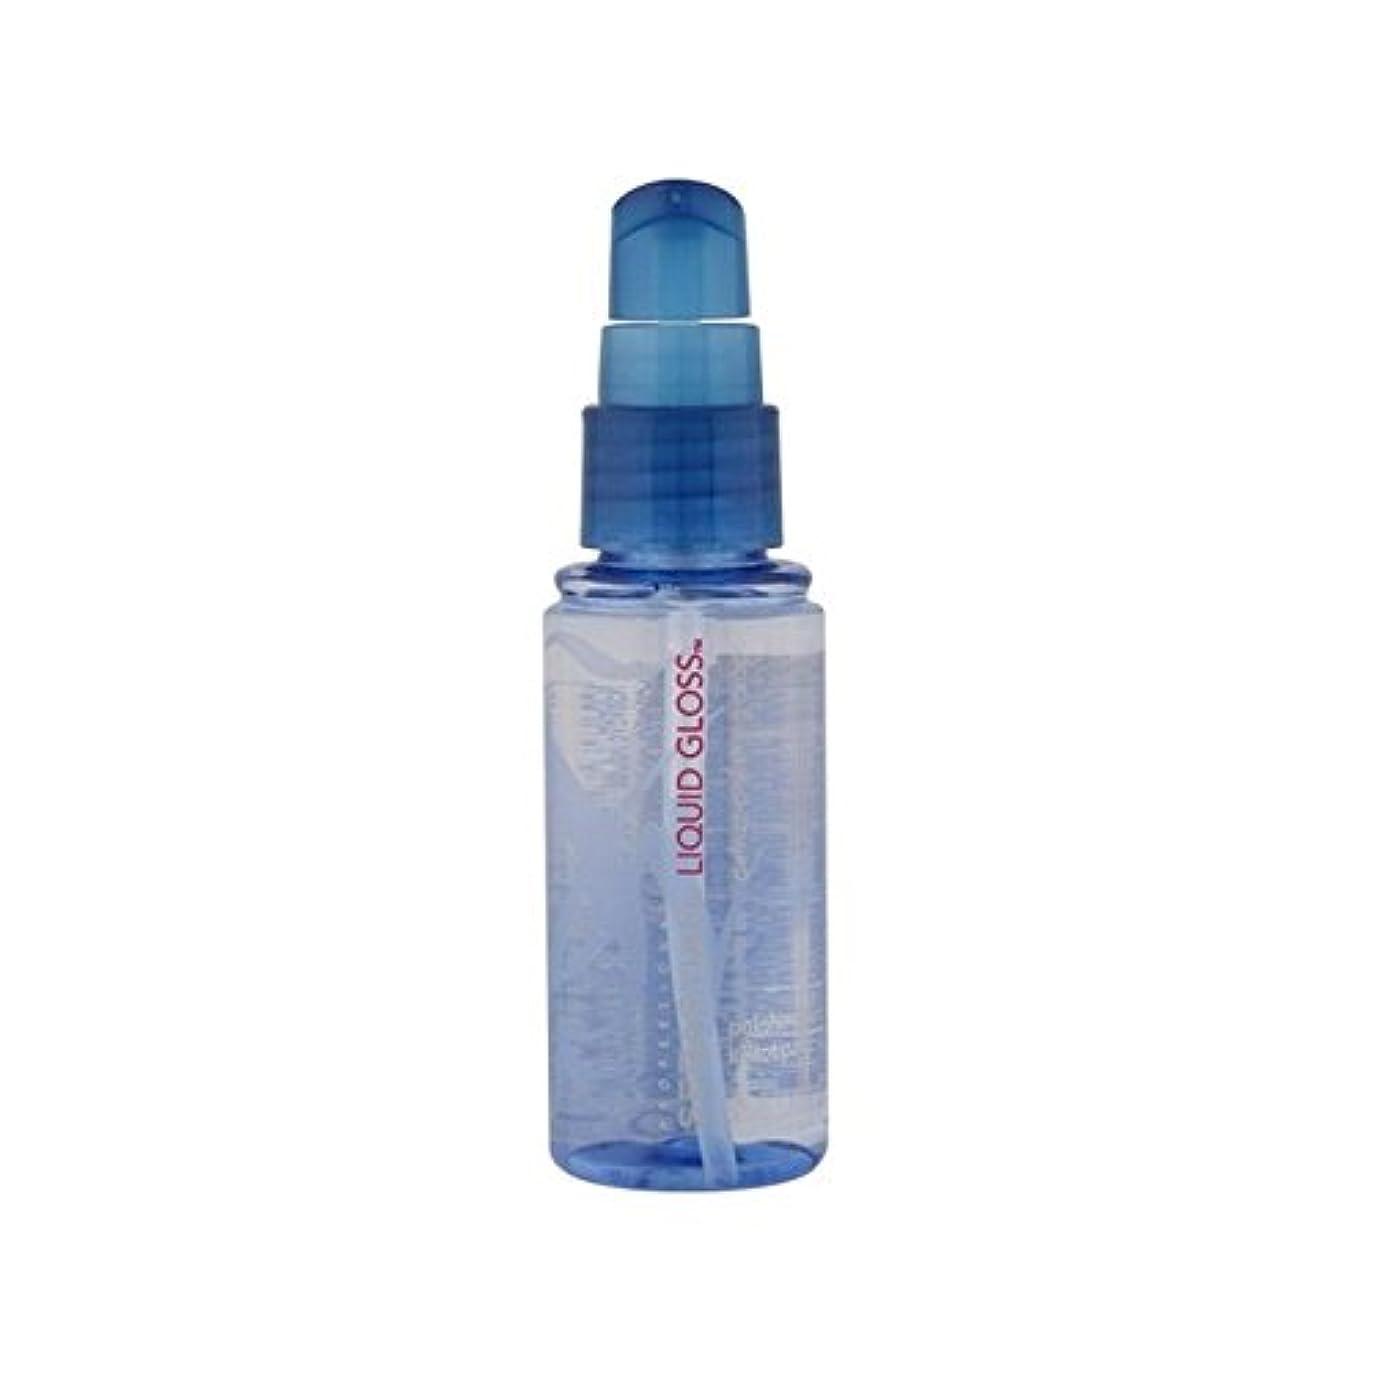 セバスチャン専門の液体グロス(50ミリリットル) x2 - Sebastian Professional Liquid Gloss (50ml) (Pack of 2) [並行輸入品]